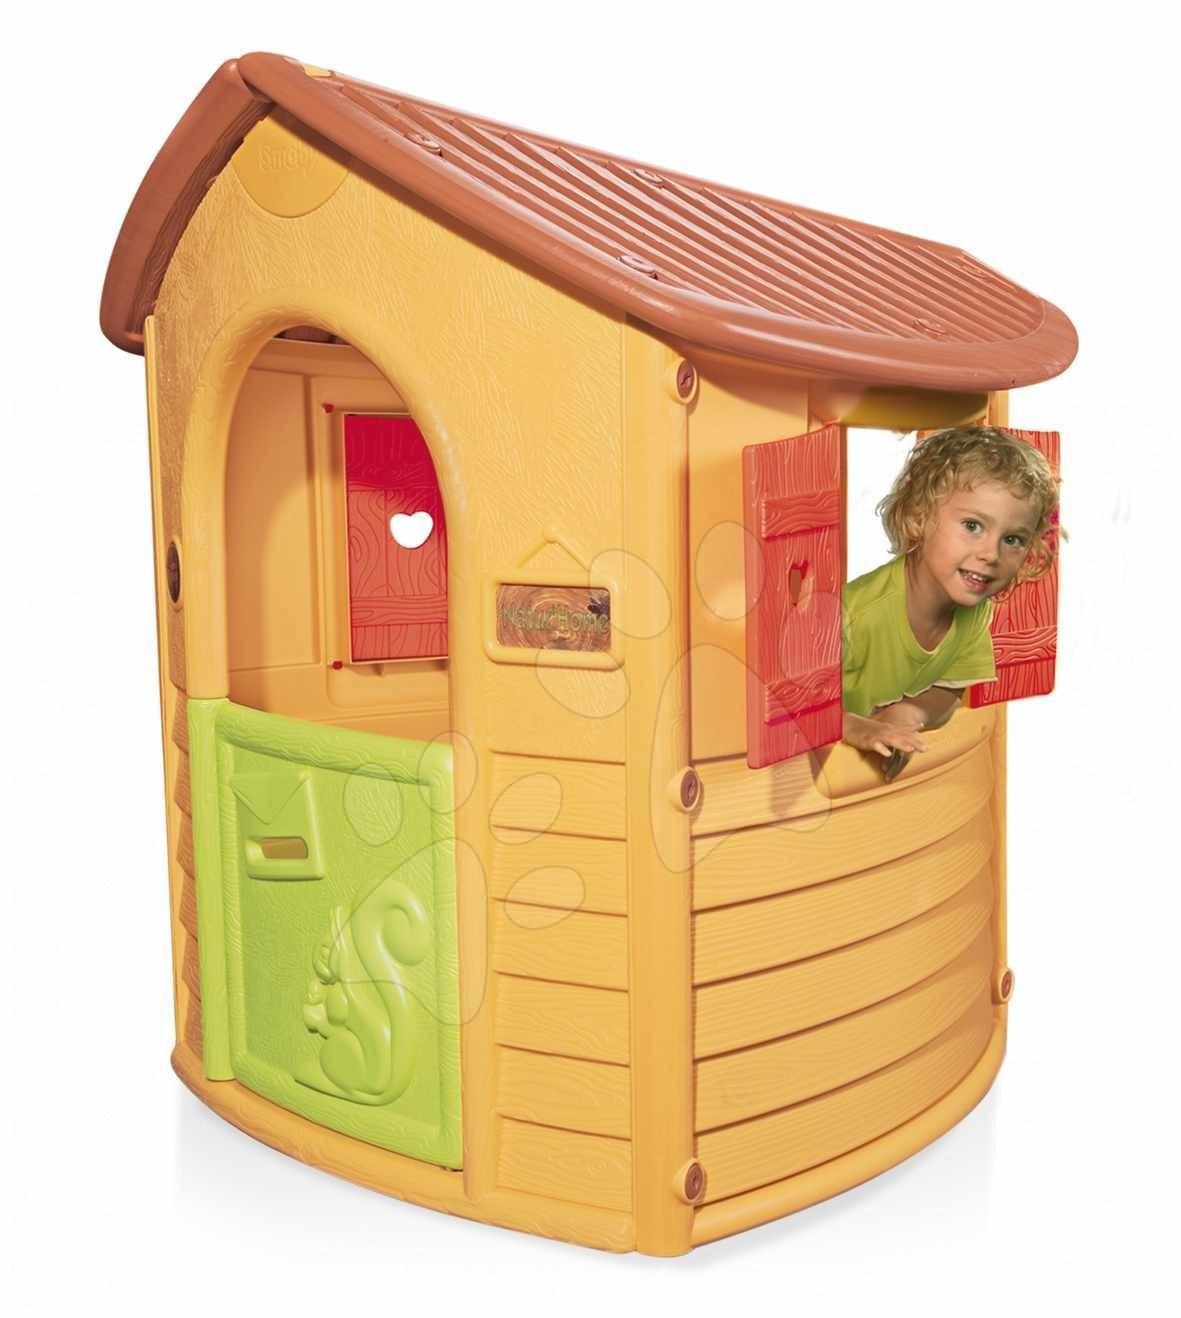 Domečky pro děti - Domeček Natur'Home Smoby s UV filtrem, od 24 měsíců